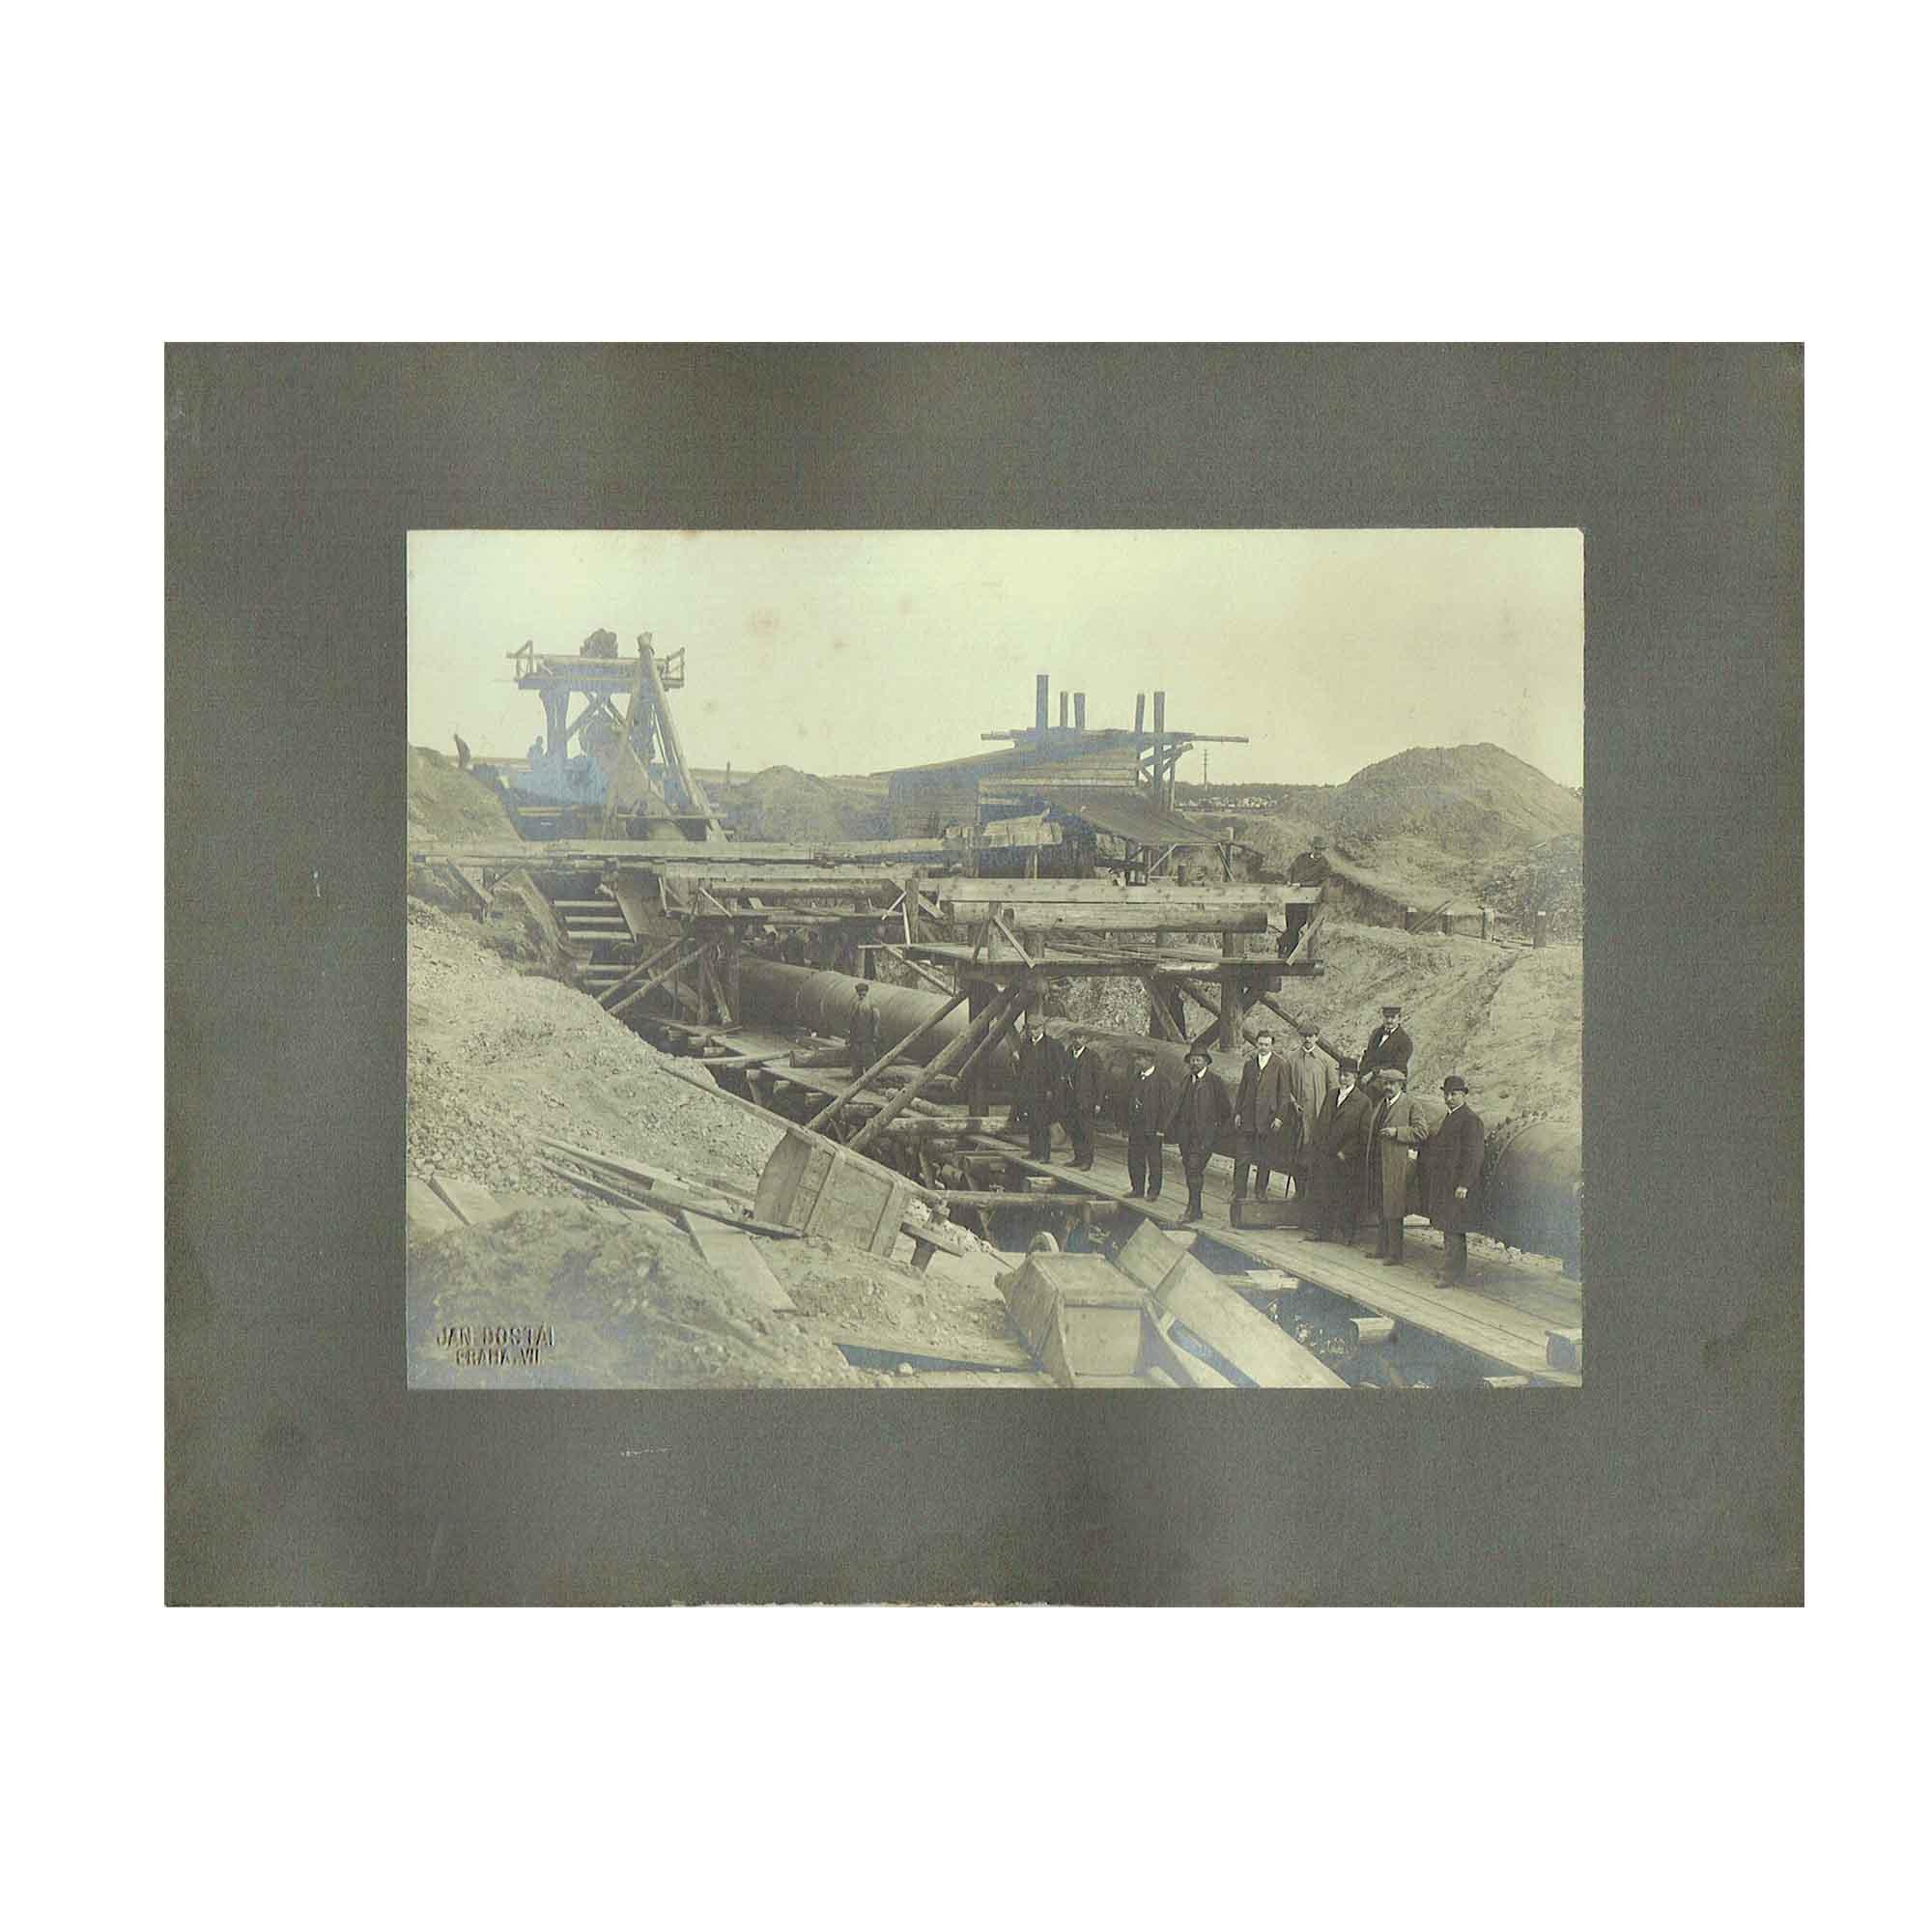 5351-Foto-Dostál-Rohrleitung-Baustelle-1890-N.jpg